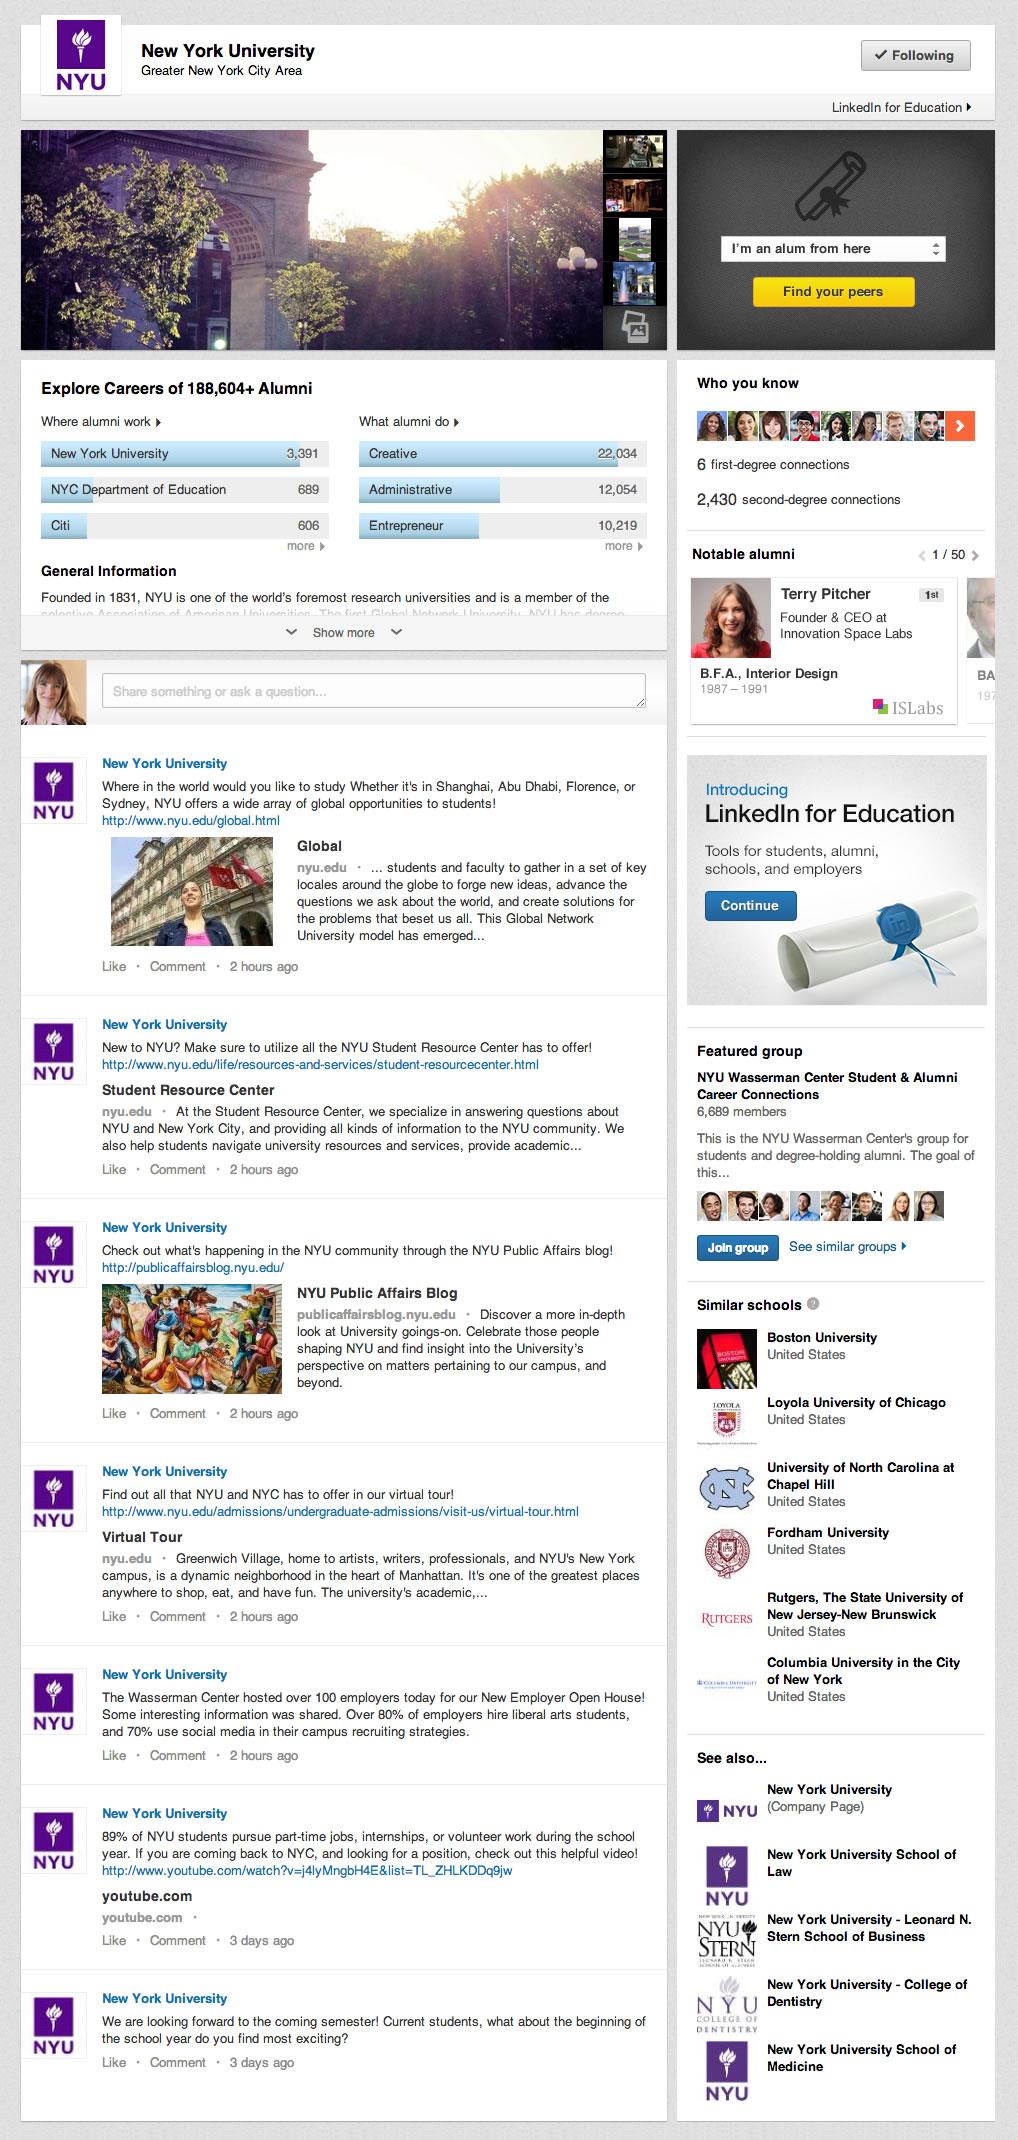 LinkedIn presenta las nuevas Uiversity Pages - Ejemplo de New York University (NYU)